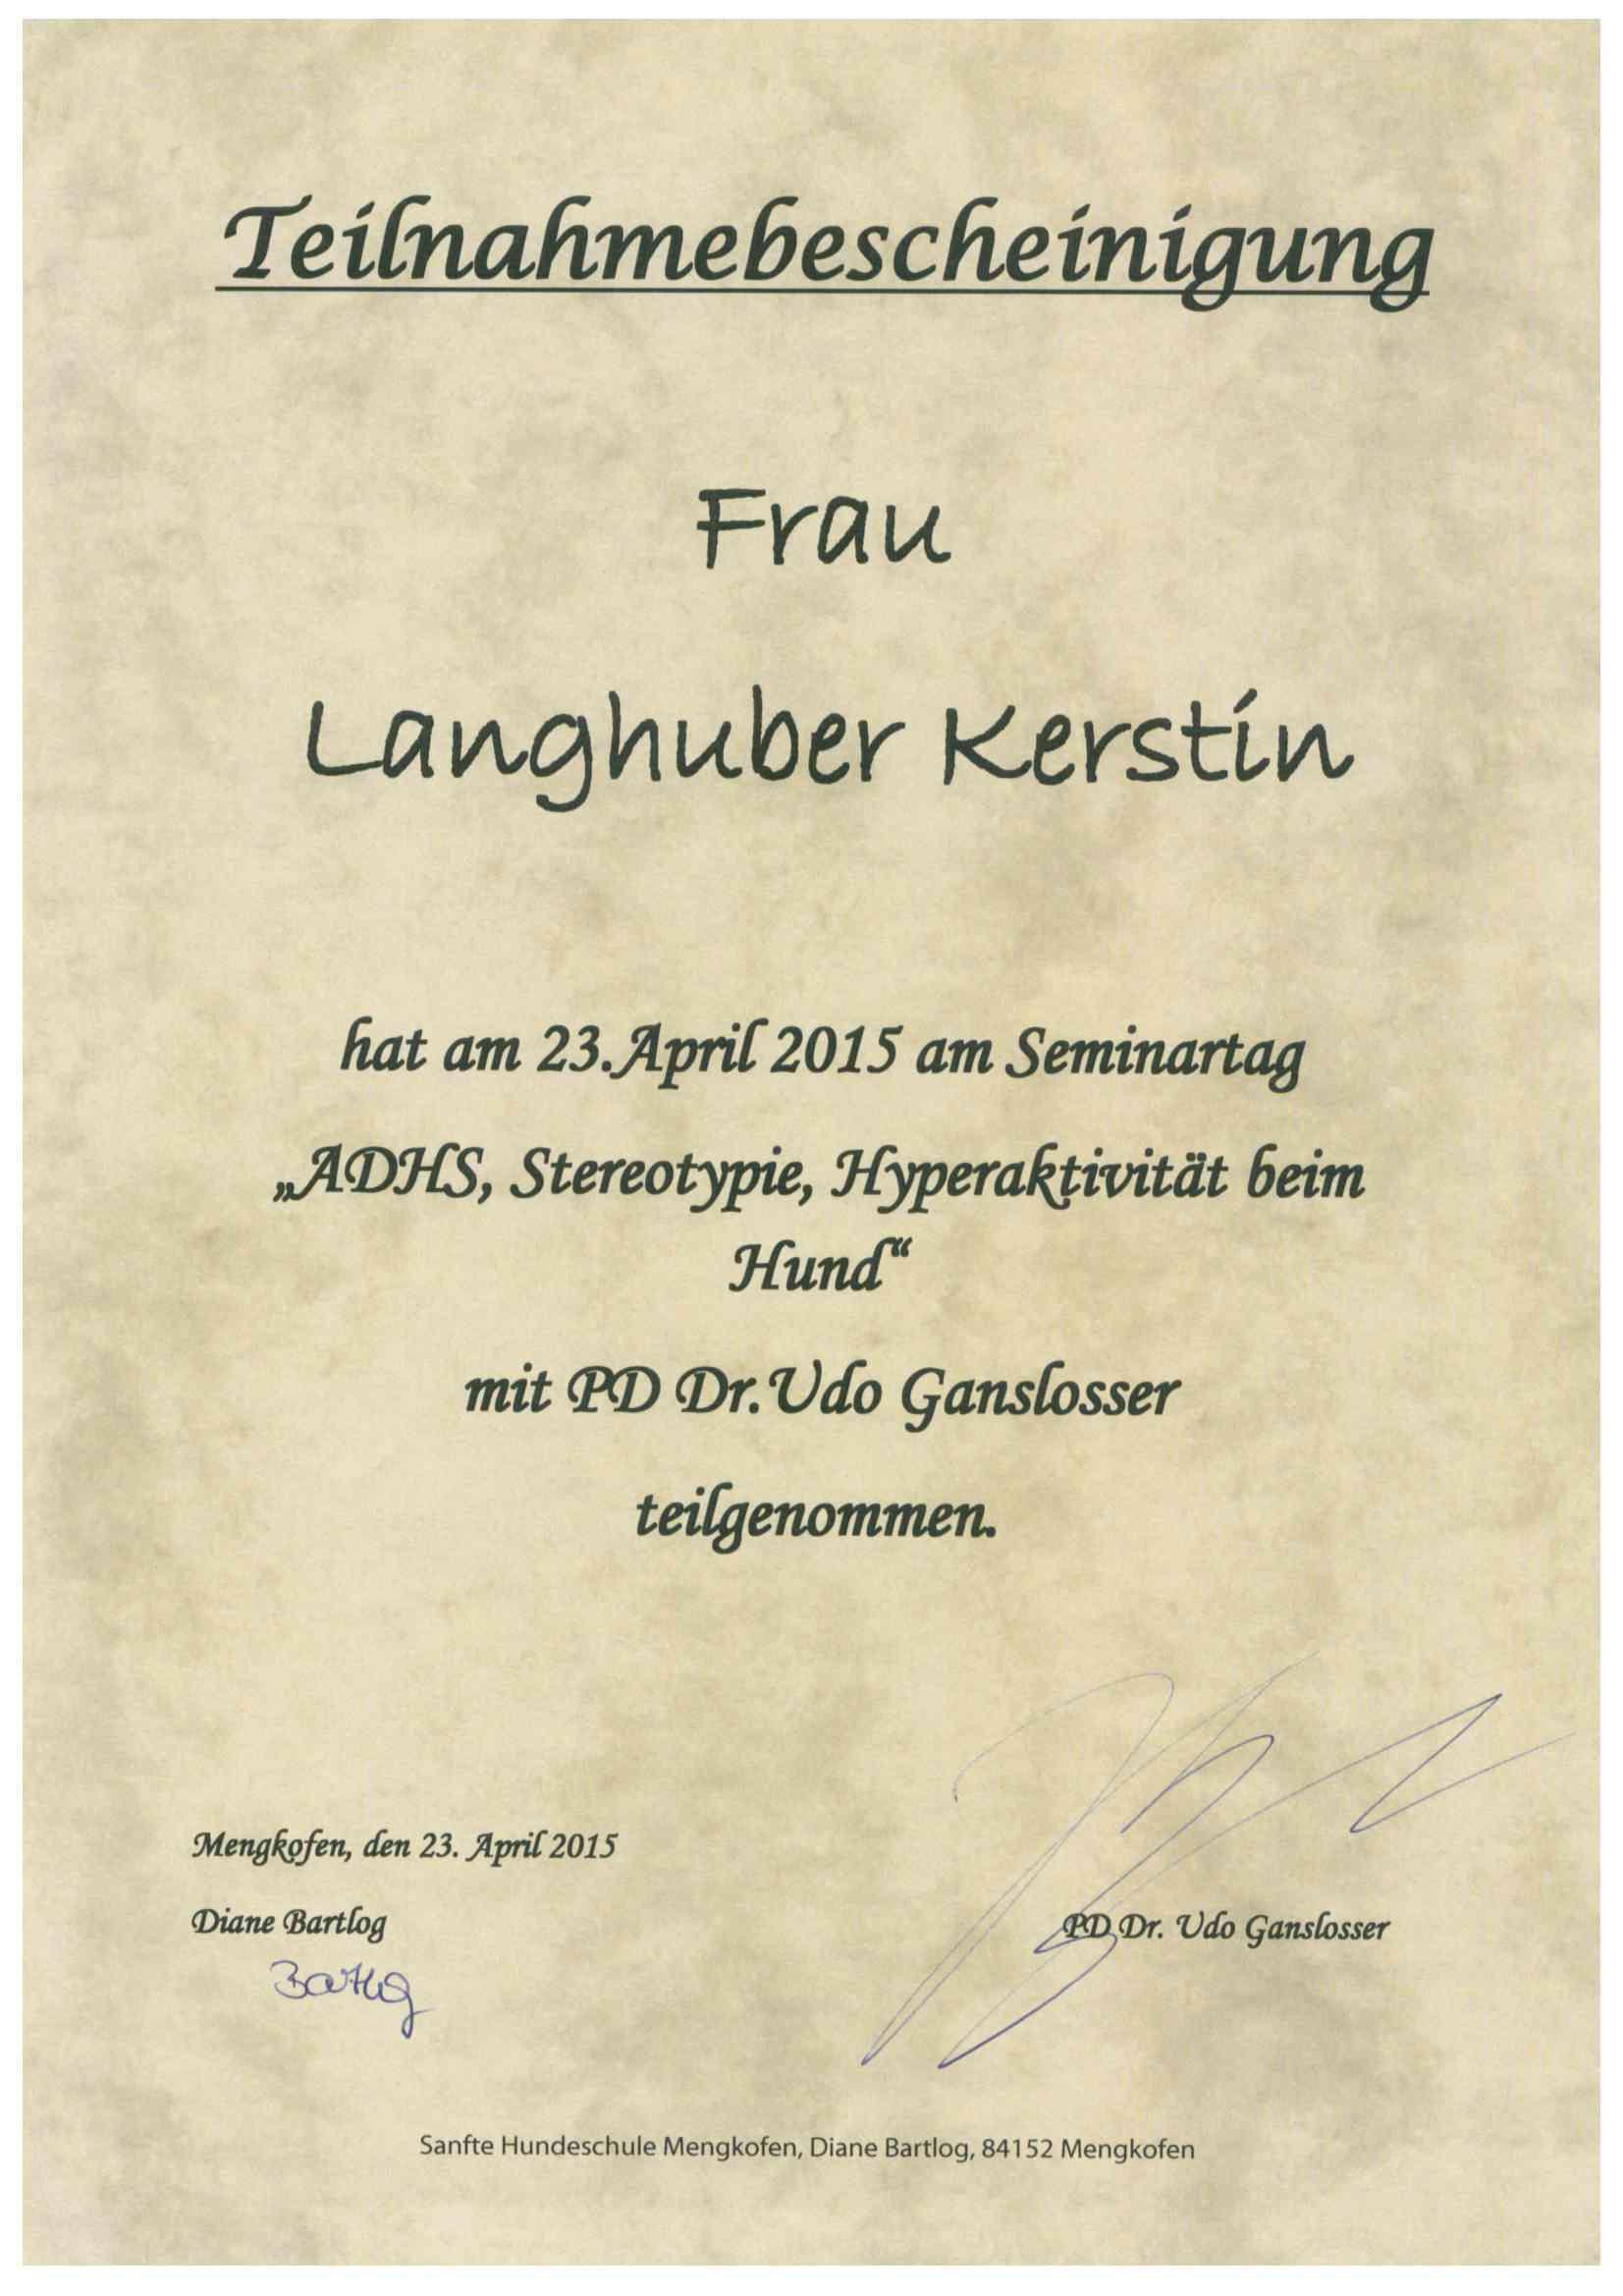 hundeschule-deggendorf